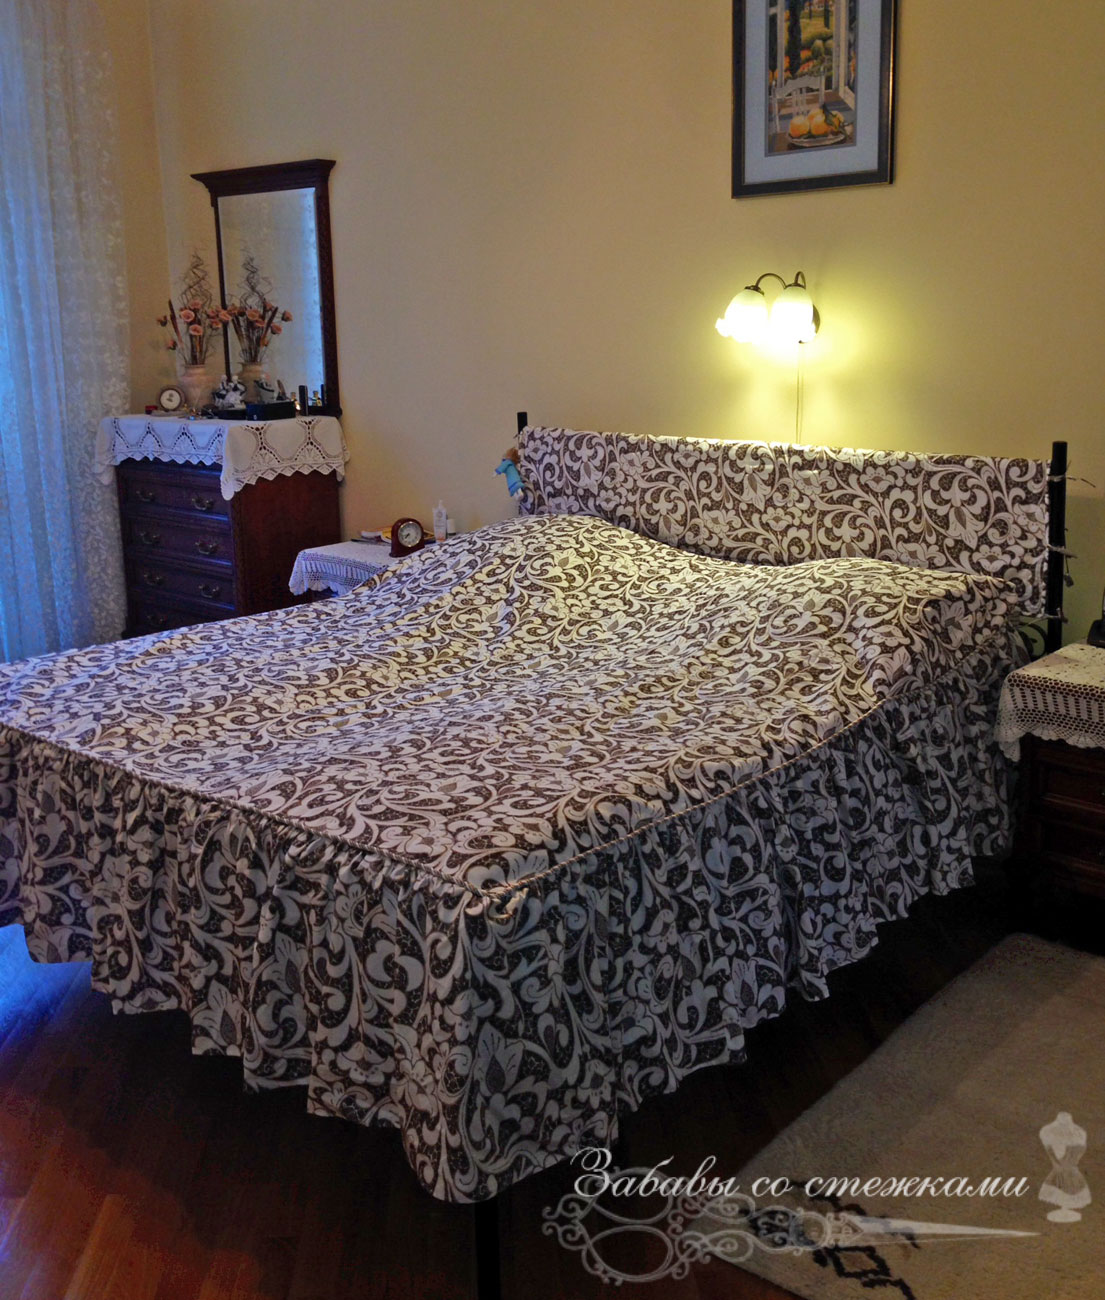 стёганое покрывало на кровать 2 на 2 метра